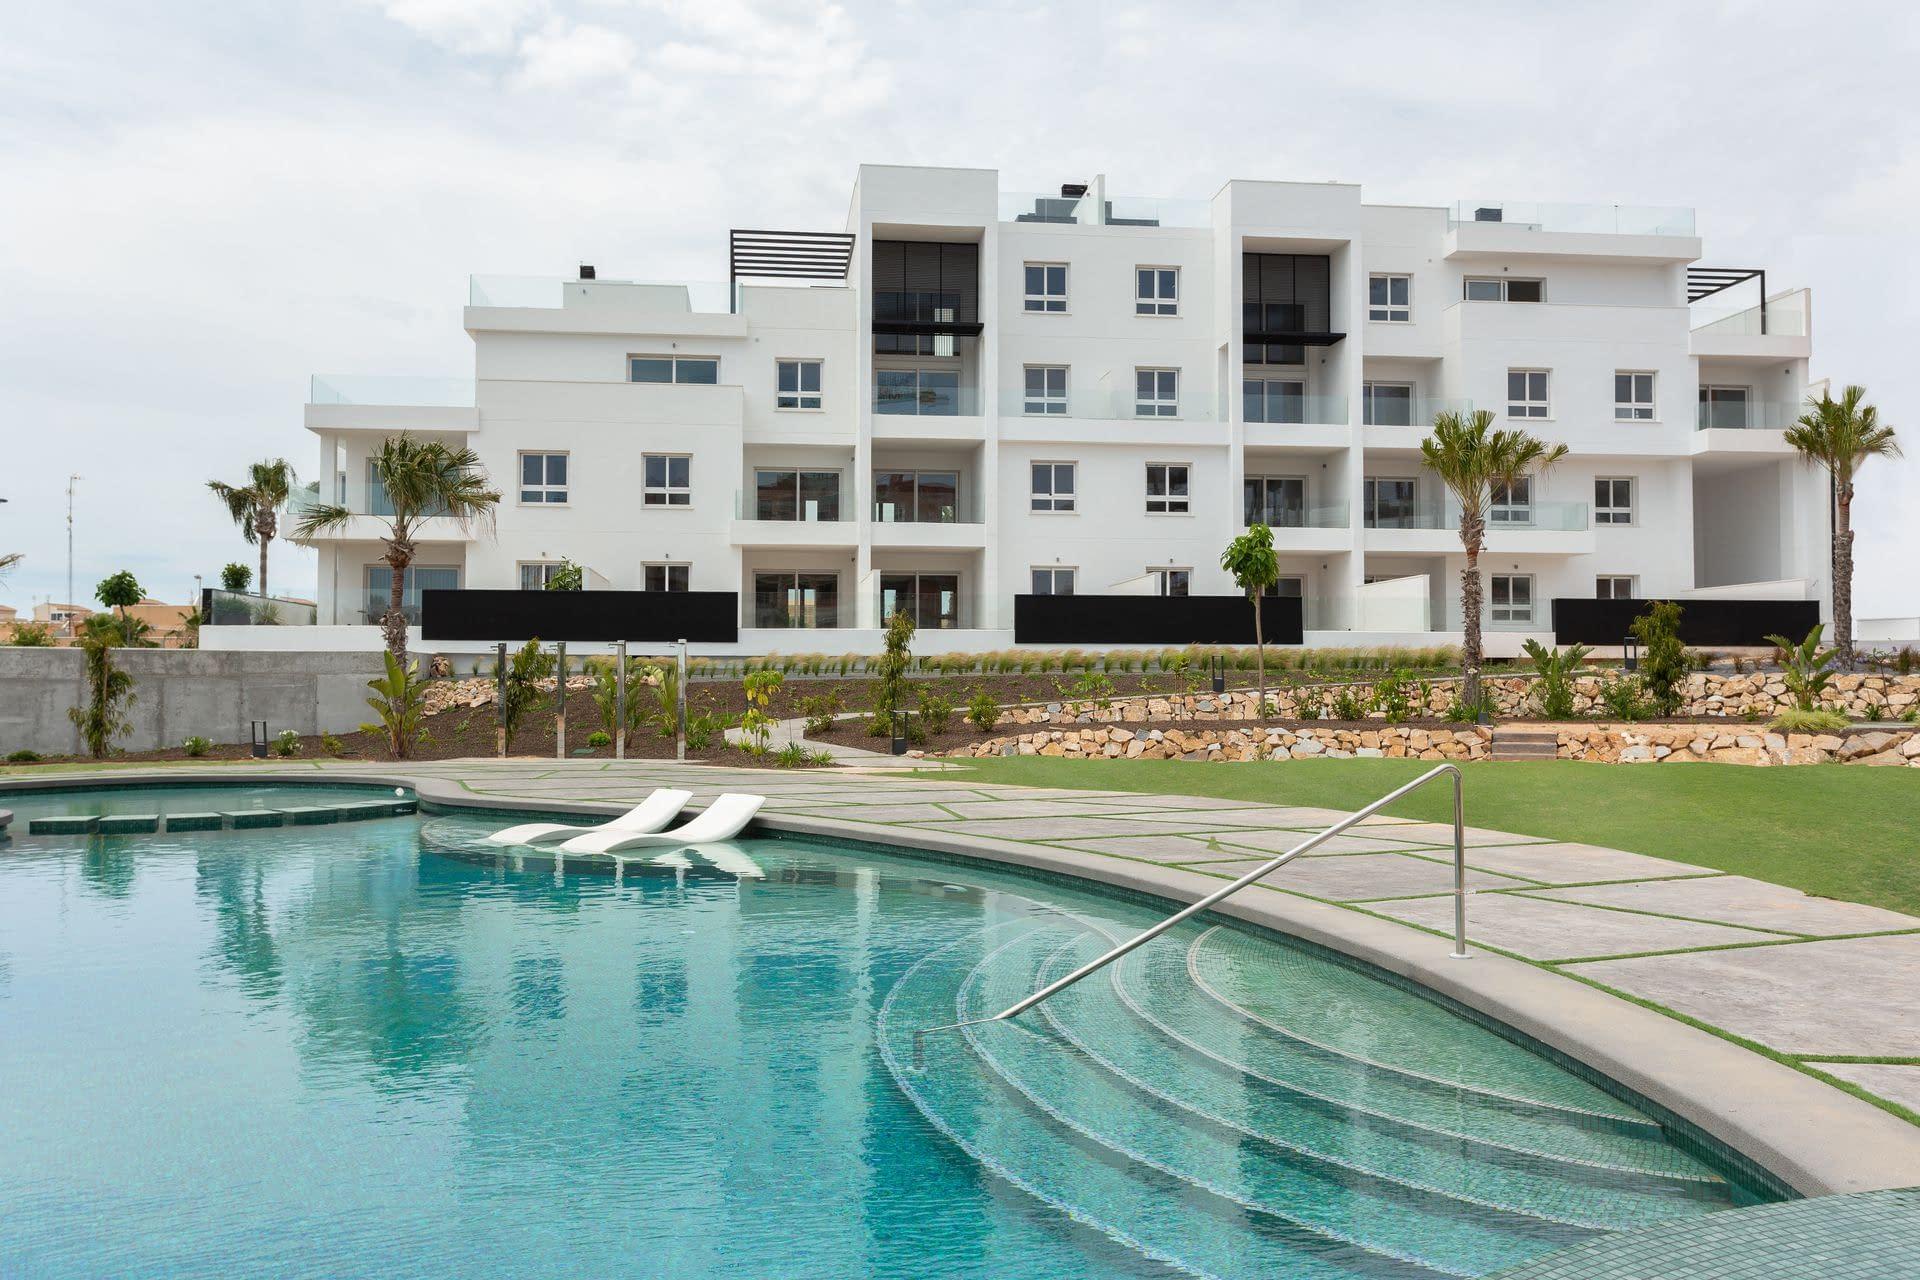 Wohnung in Punta Prima nur wenige Meter vom Meer entfernt.